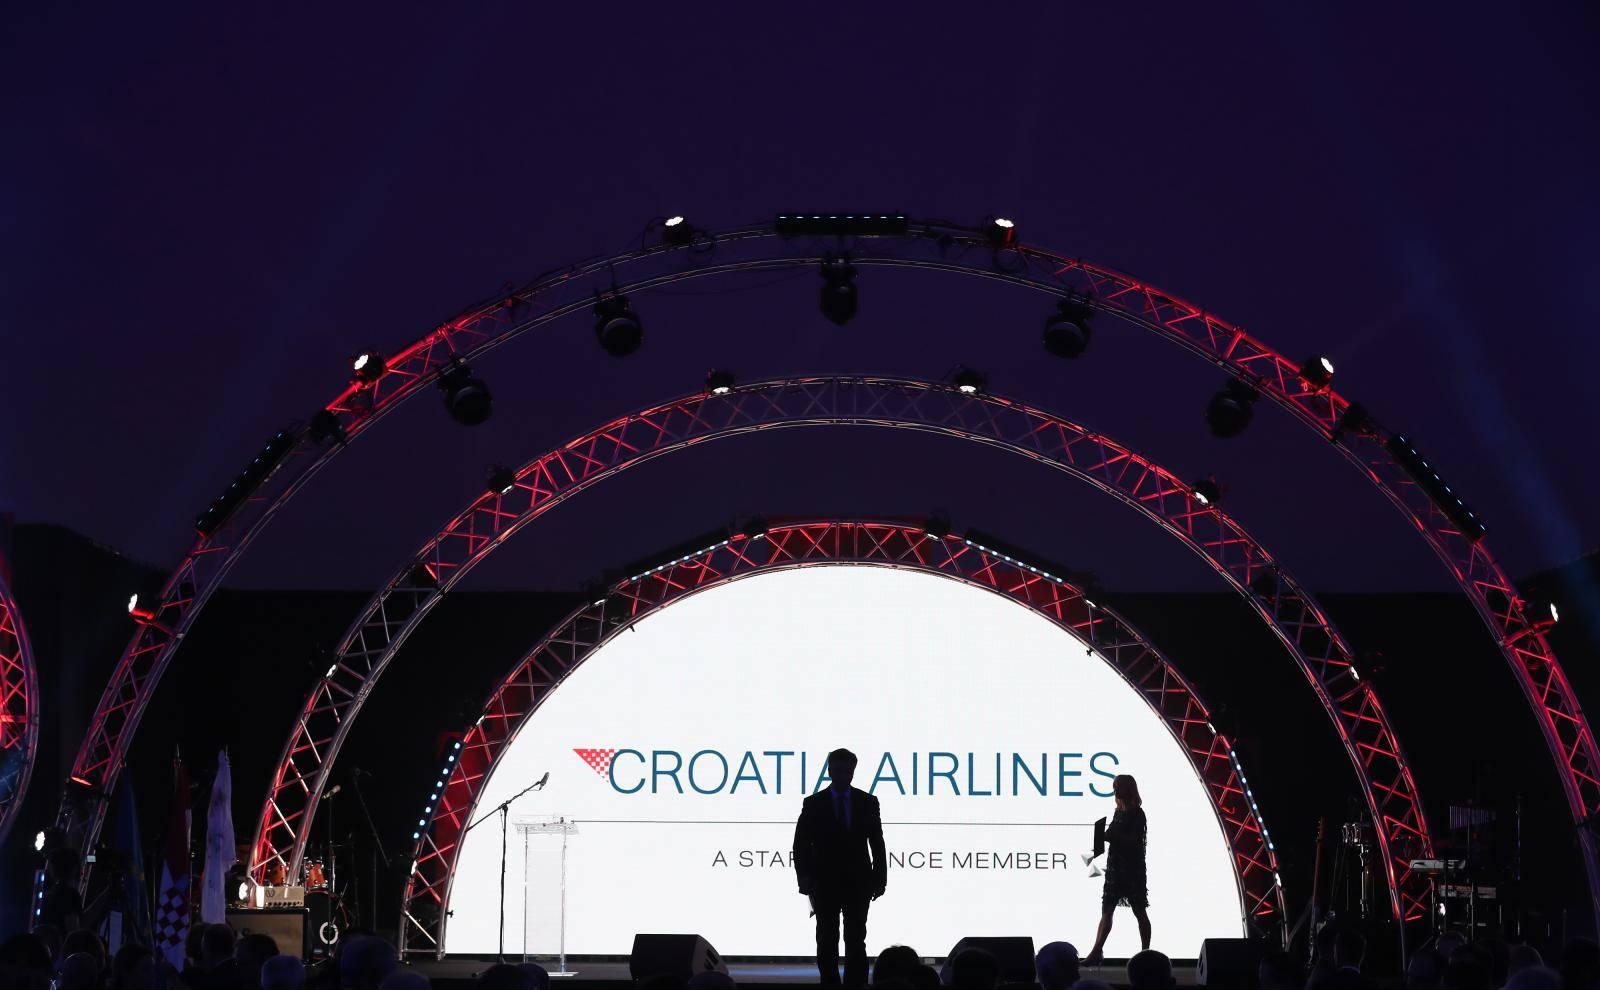 Premijer Plenković: Hrvatskoj potreban nacionalni prijevoznik